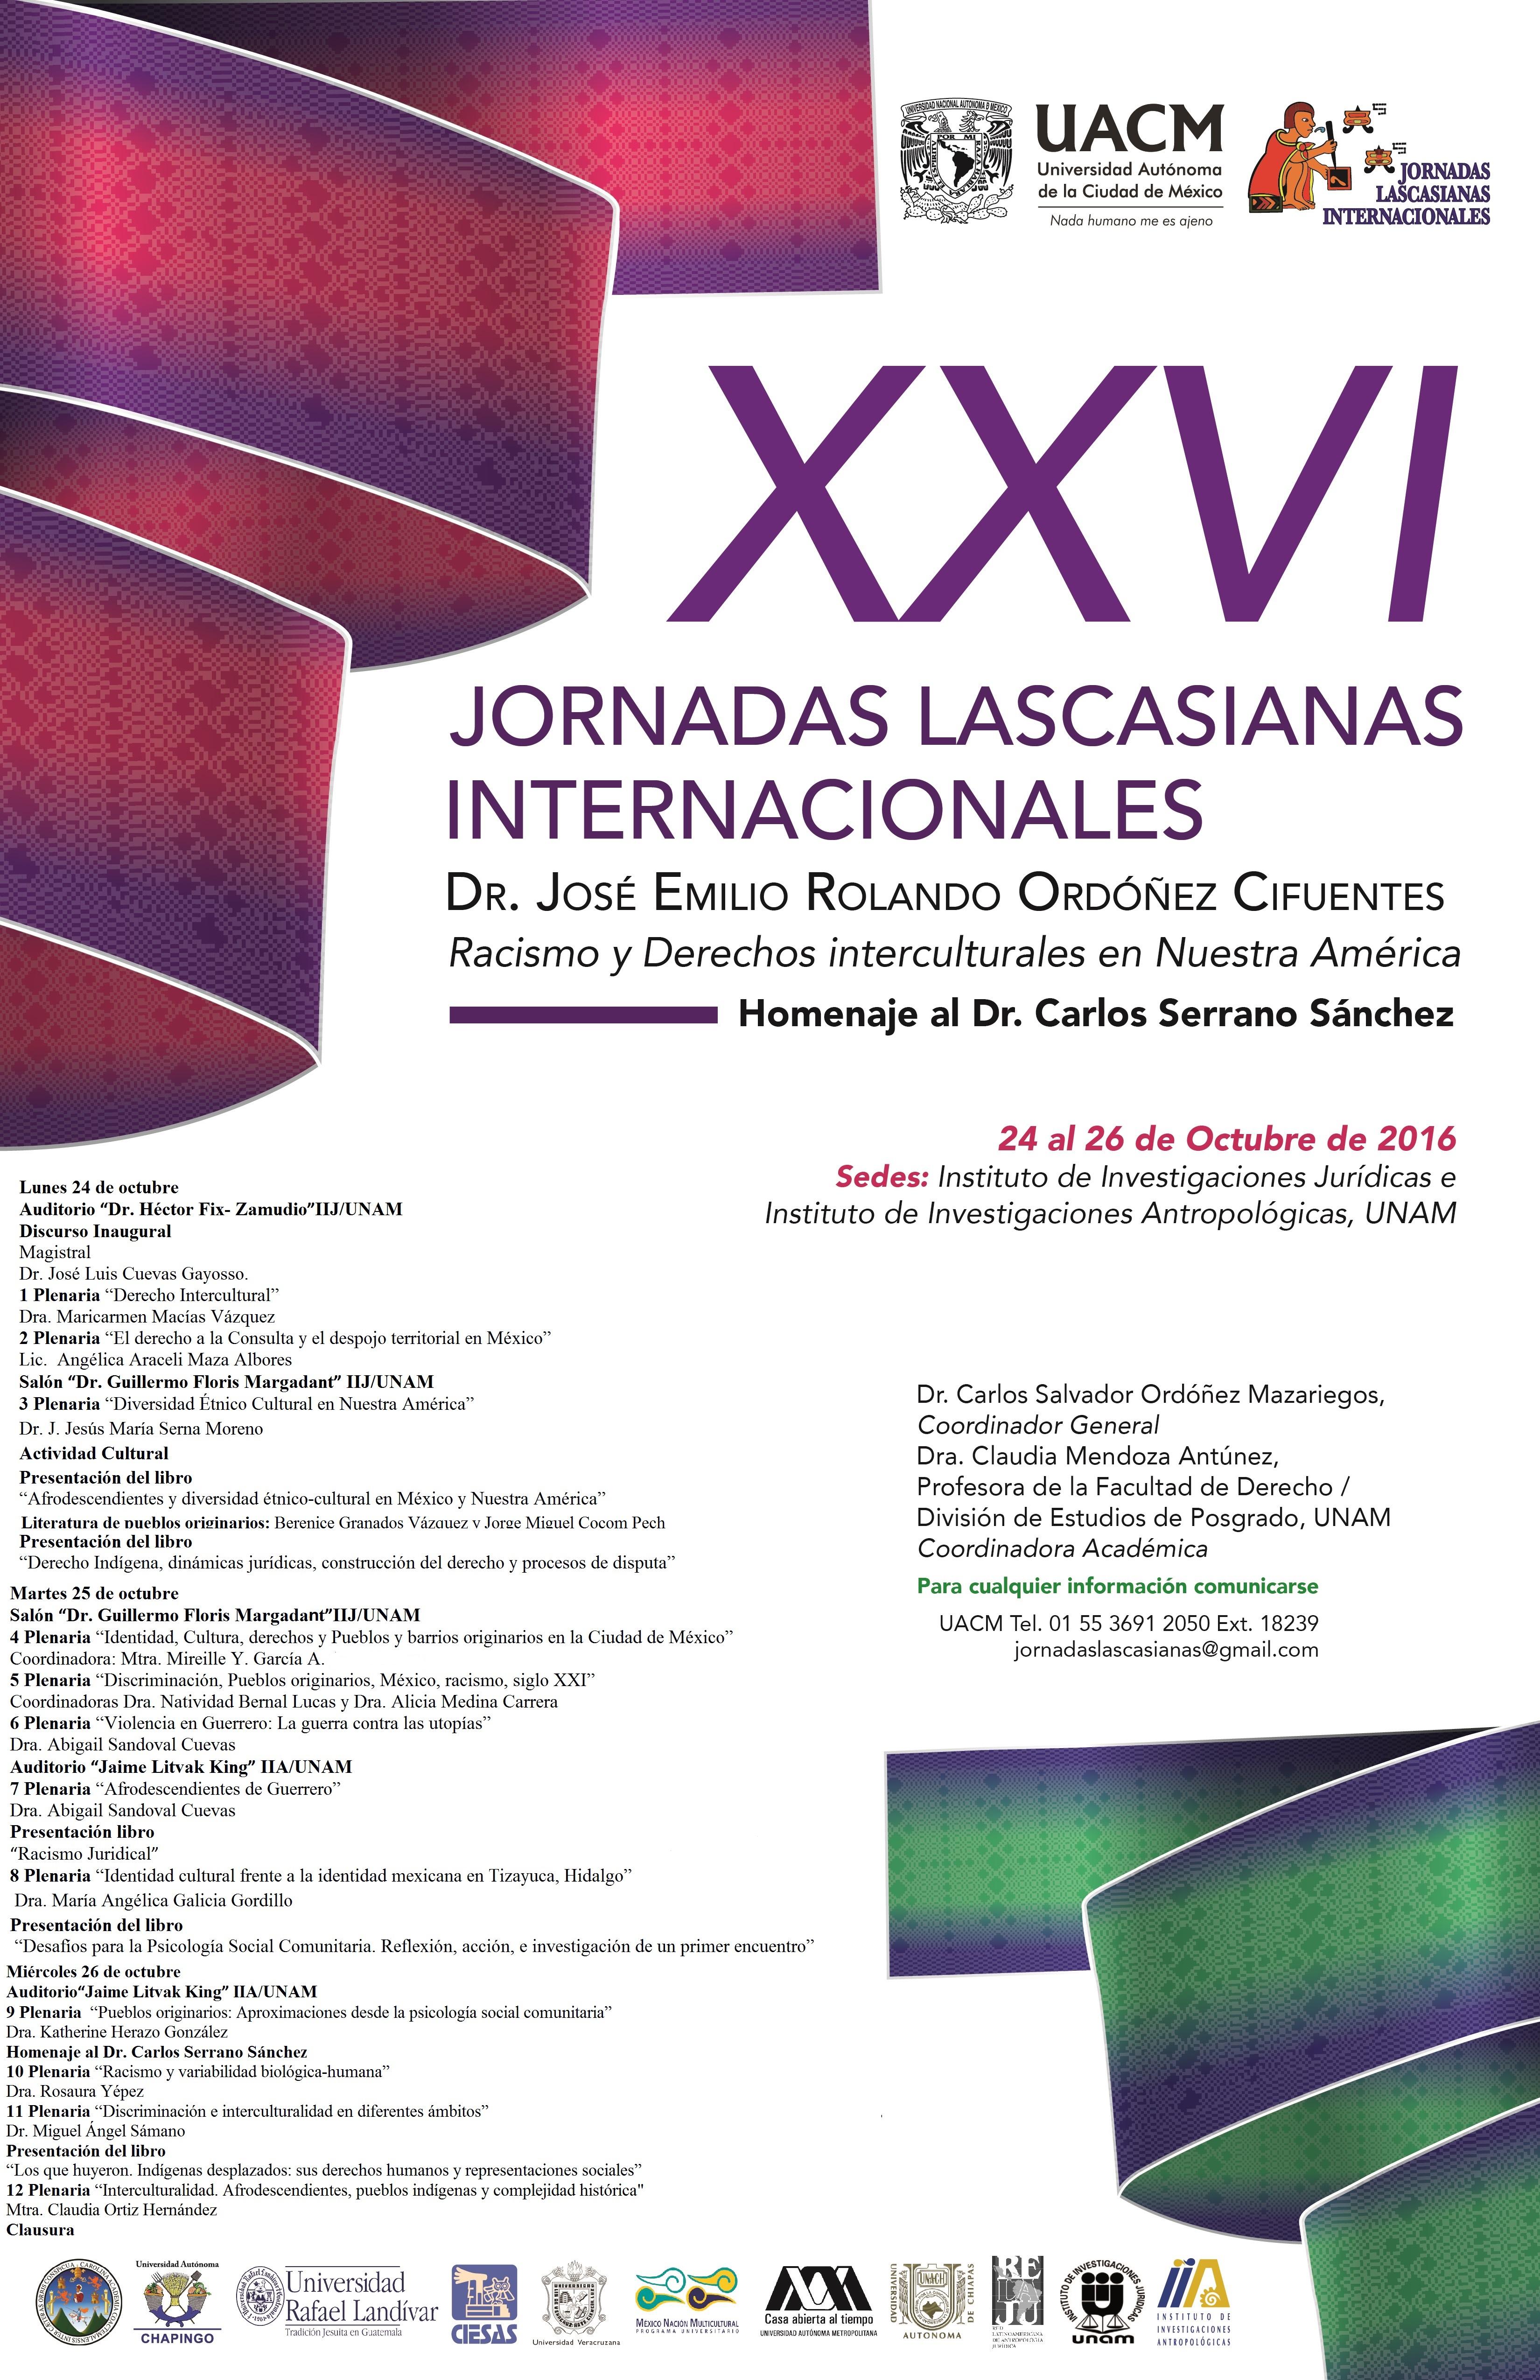 """XXVI Jornadas Lascasianas Internacionales """"Dr. José Emilio Rolando Ordóñez Cifuentes"""": Racismo y Derechos Interculturales en nuestra América, Homenaje al Dr. Carlos Serrano Sánchez"""